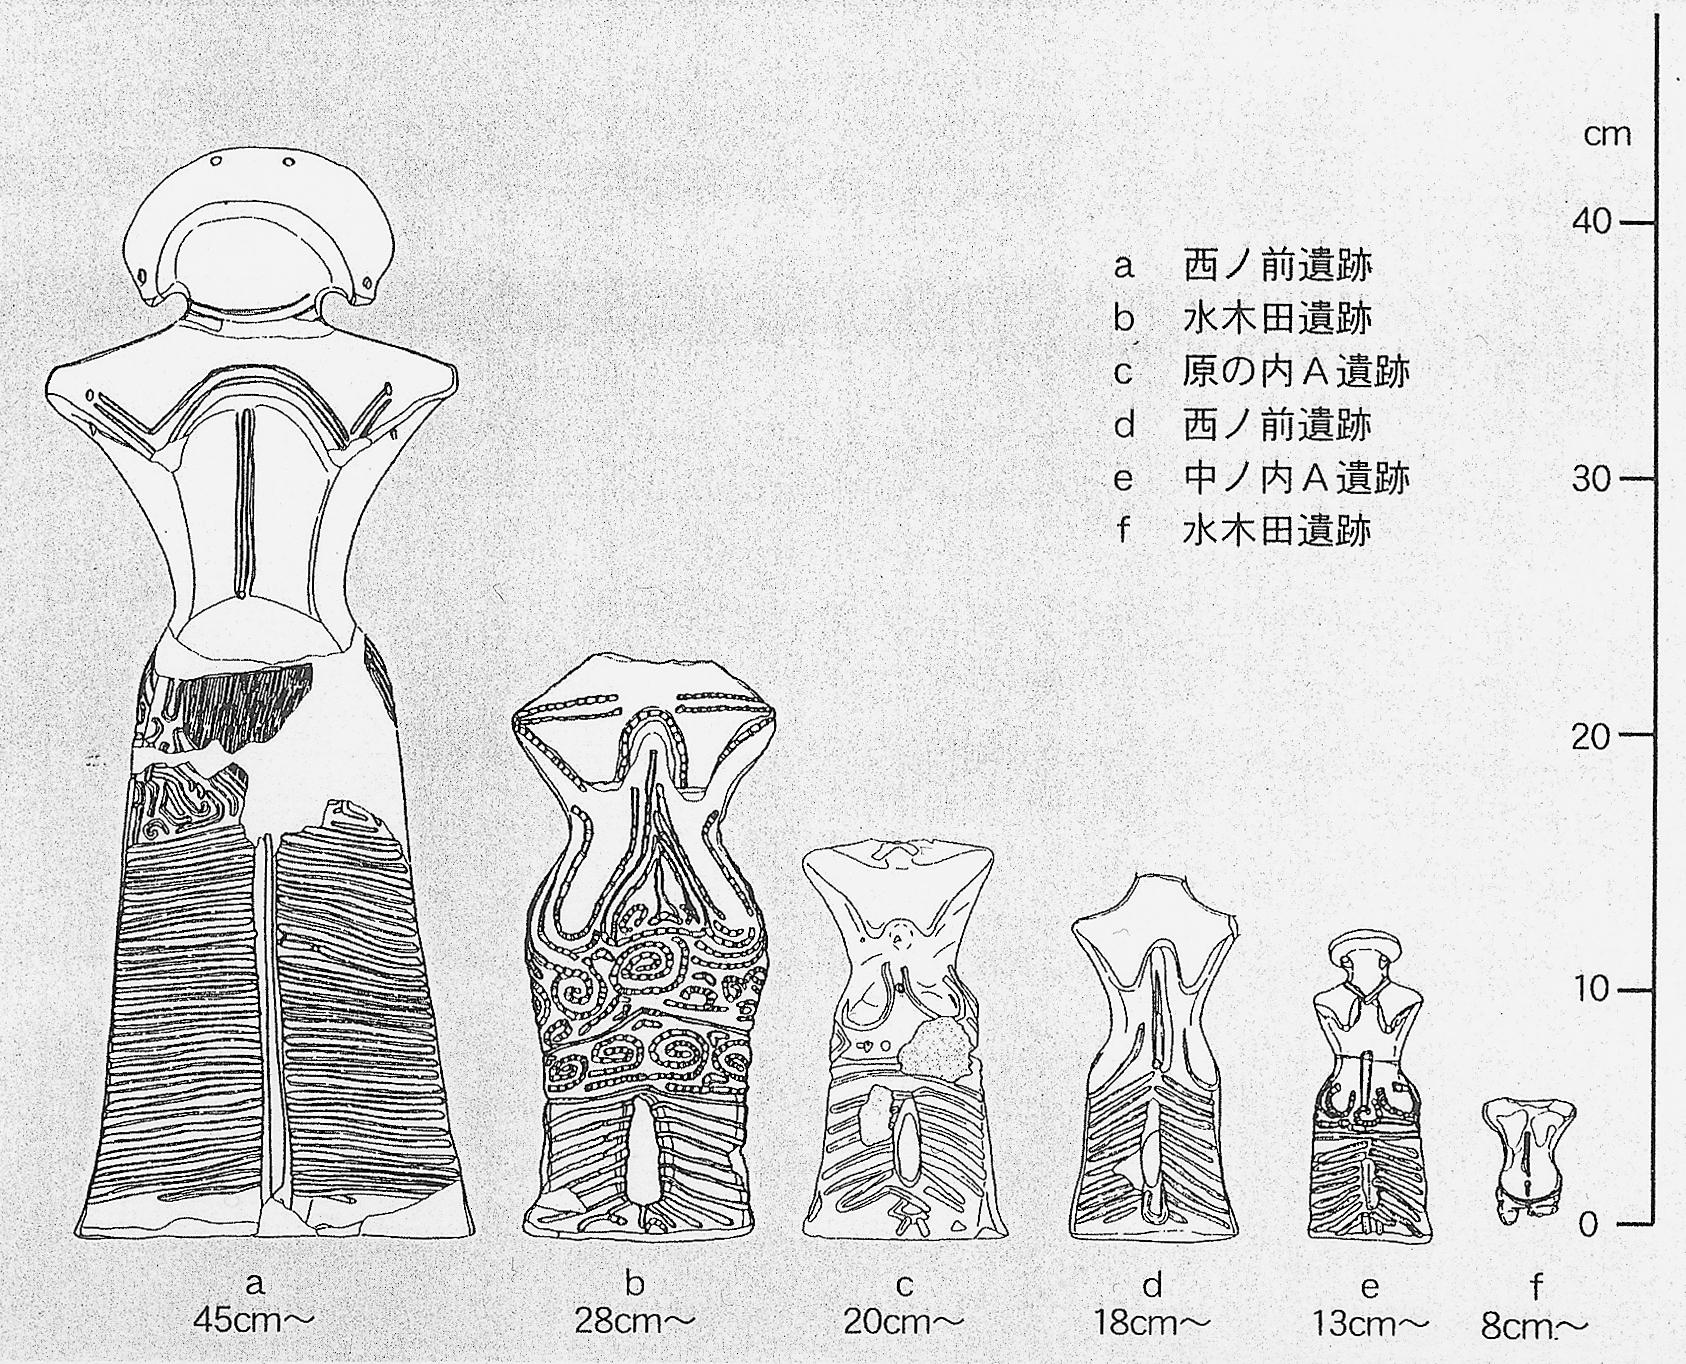 西ノ前遺跡出土タイプの土偶の大小